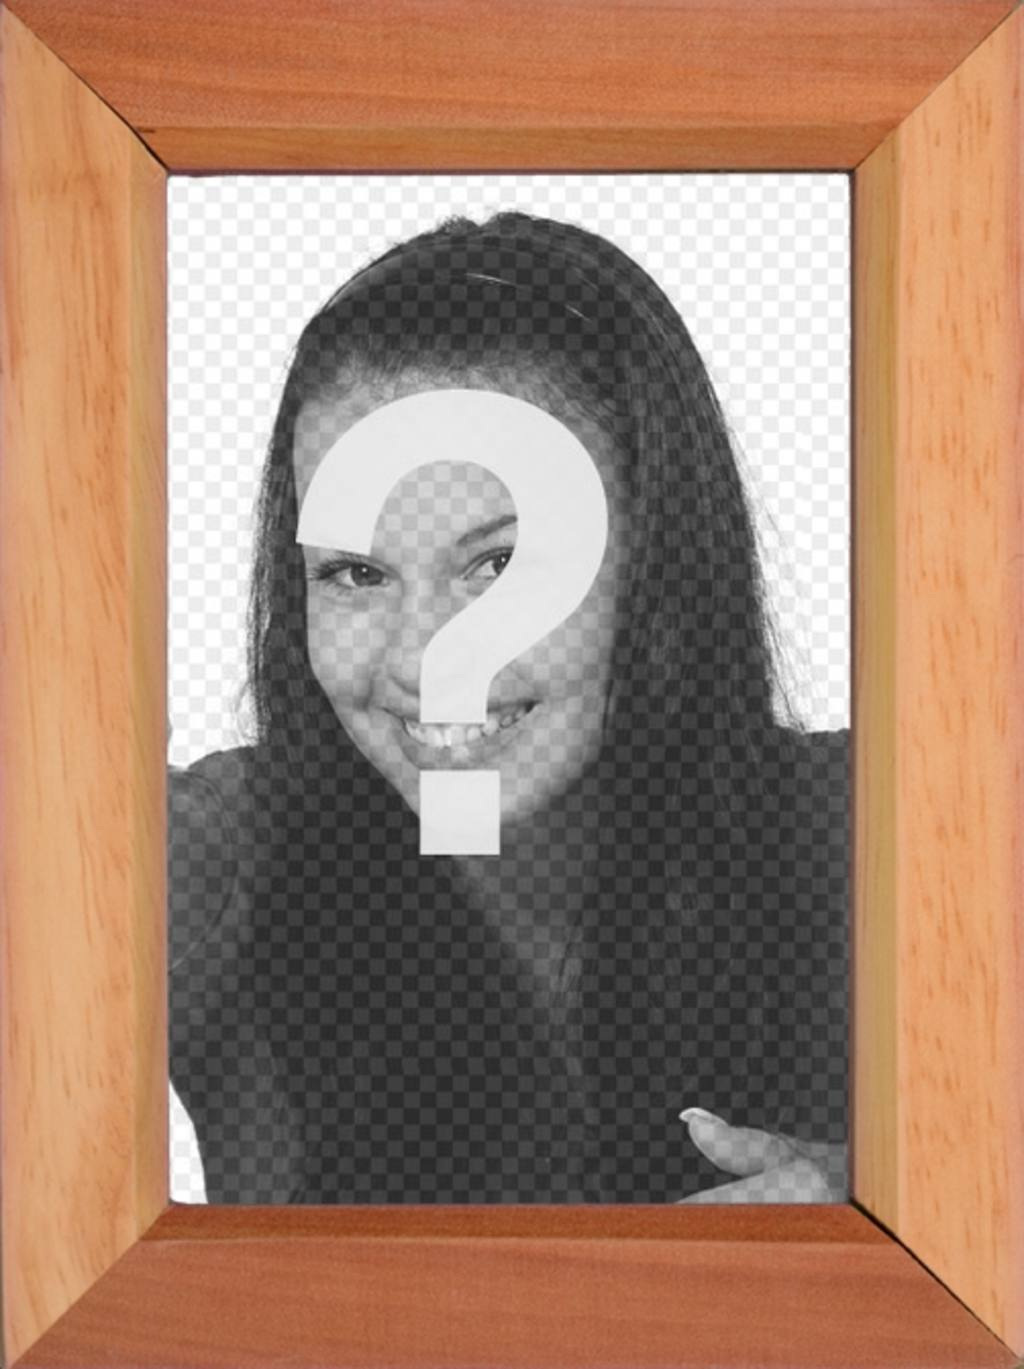 Style cadre photo en bois pour mettre une photo